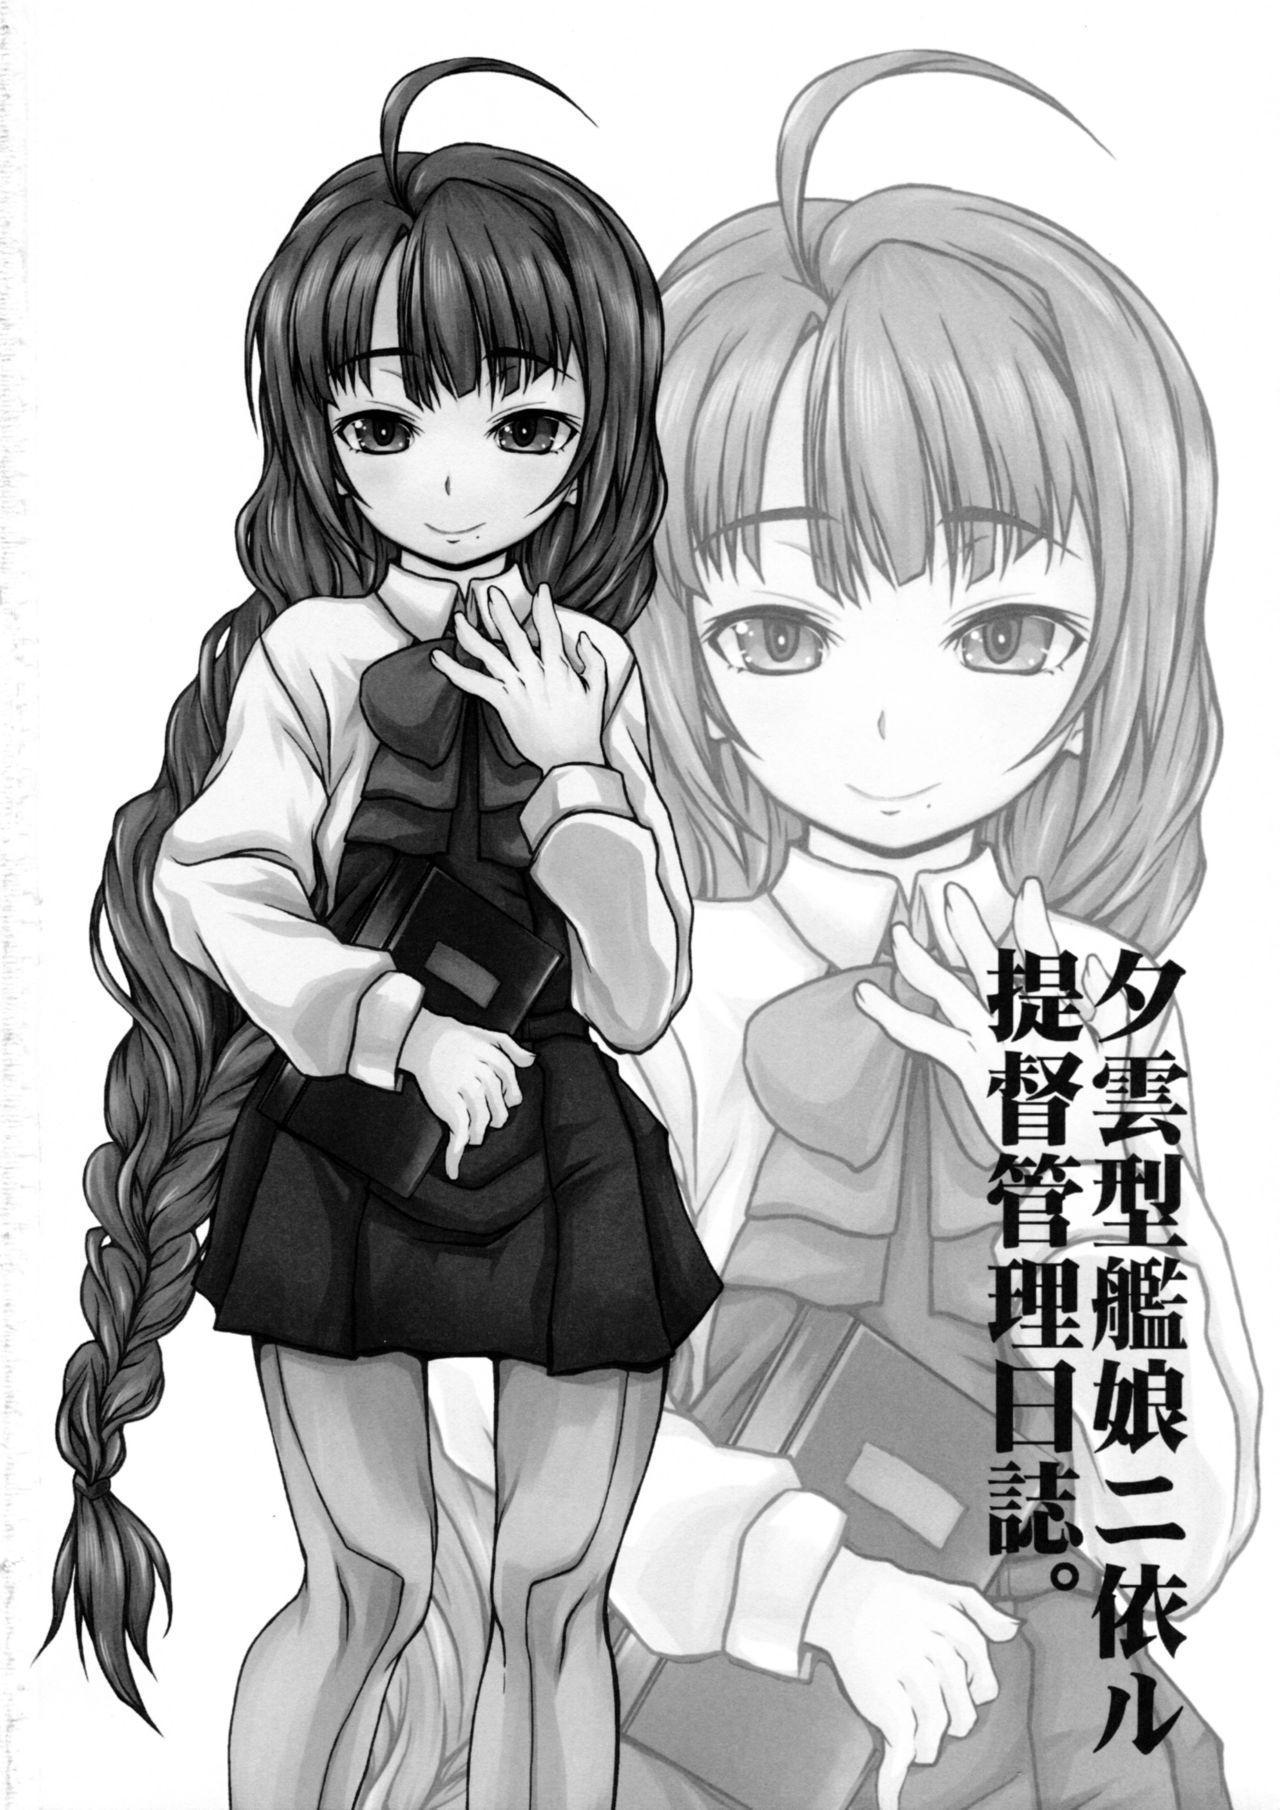 Yuugumo-gata Kanmusu ni Yoru Teitoku Kanri Nisshi. Sono Ichi Sono Ni Gappei Kaishuu Ban 60